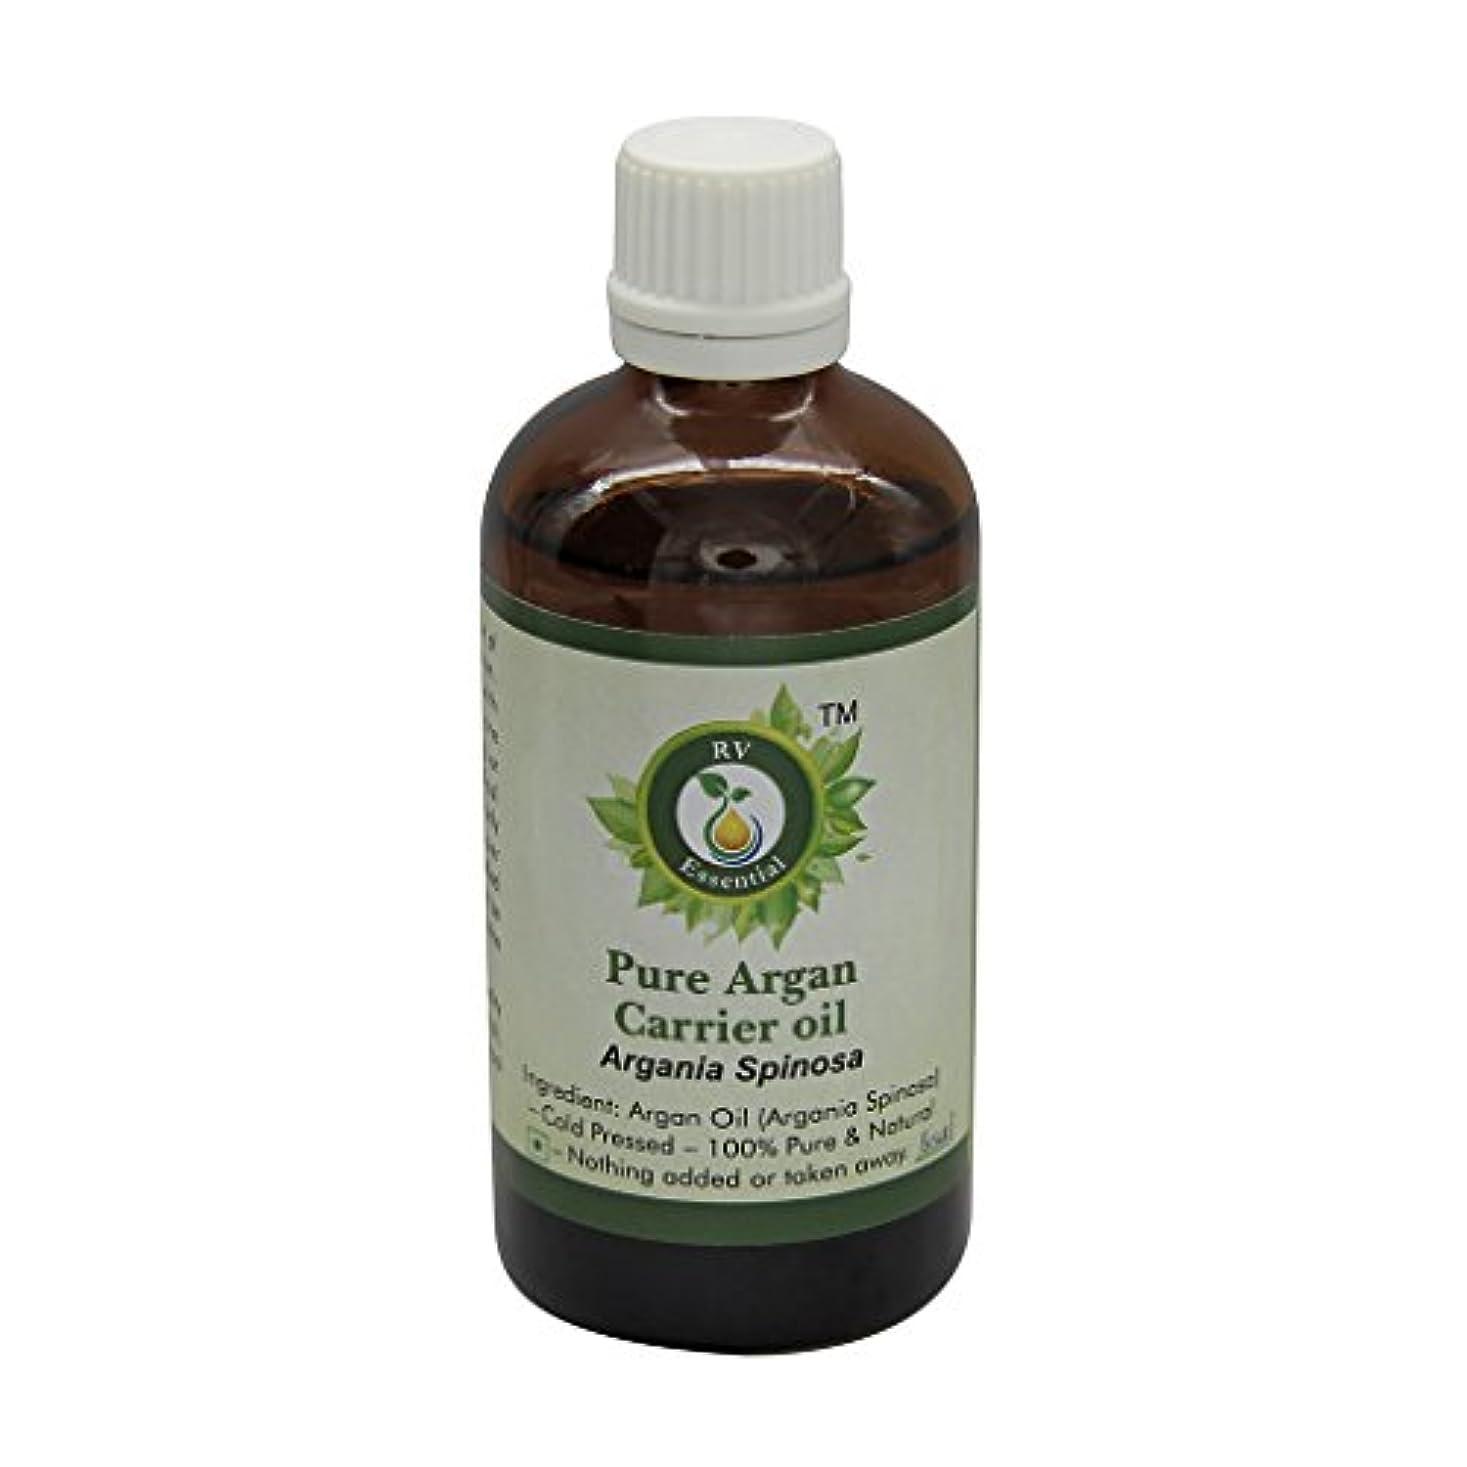 定義する是正郵便R V Essential ピュアアルガンキャリアオイル100ml (3.38oz)- Argania Spinosa (100%ピュア&ナチュラルコールドPressed) Pure Argan Carrier Oil